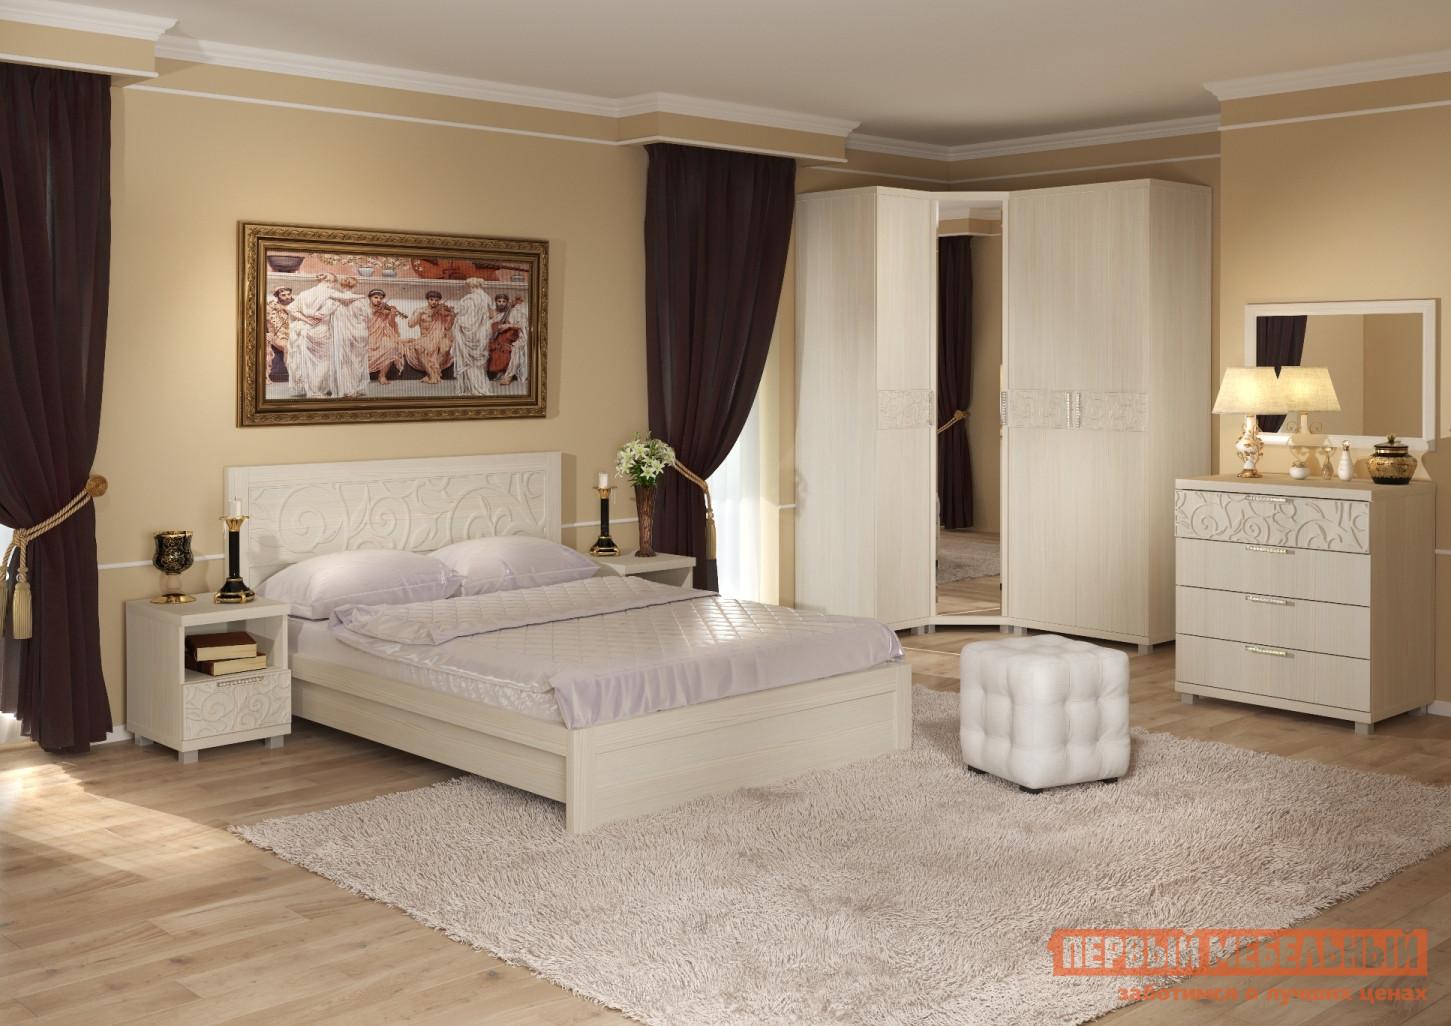 Комплект мебели для спальни ТД Арника Ирис К1 комплект детской мебели трия аватар лаванда к1